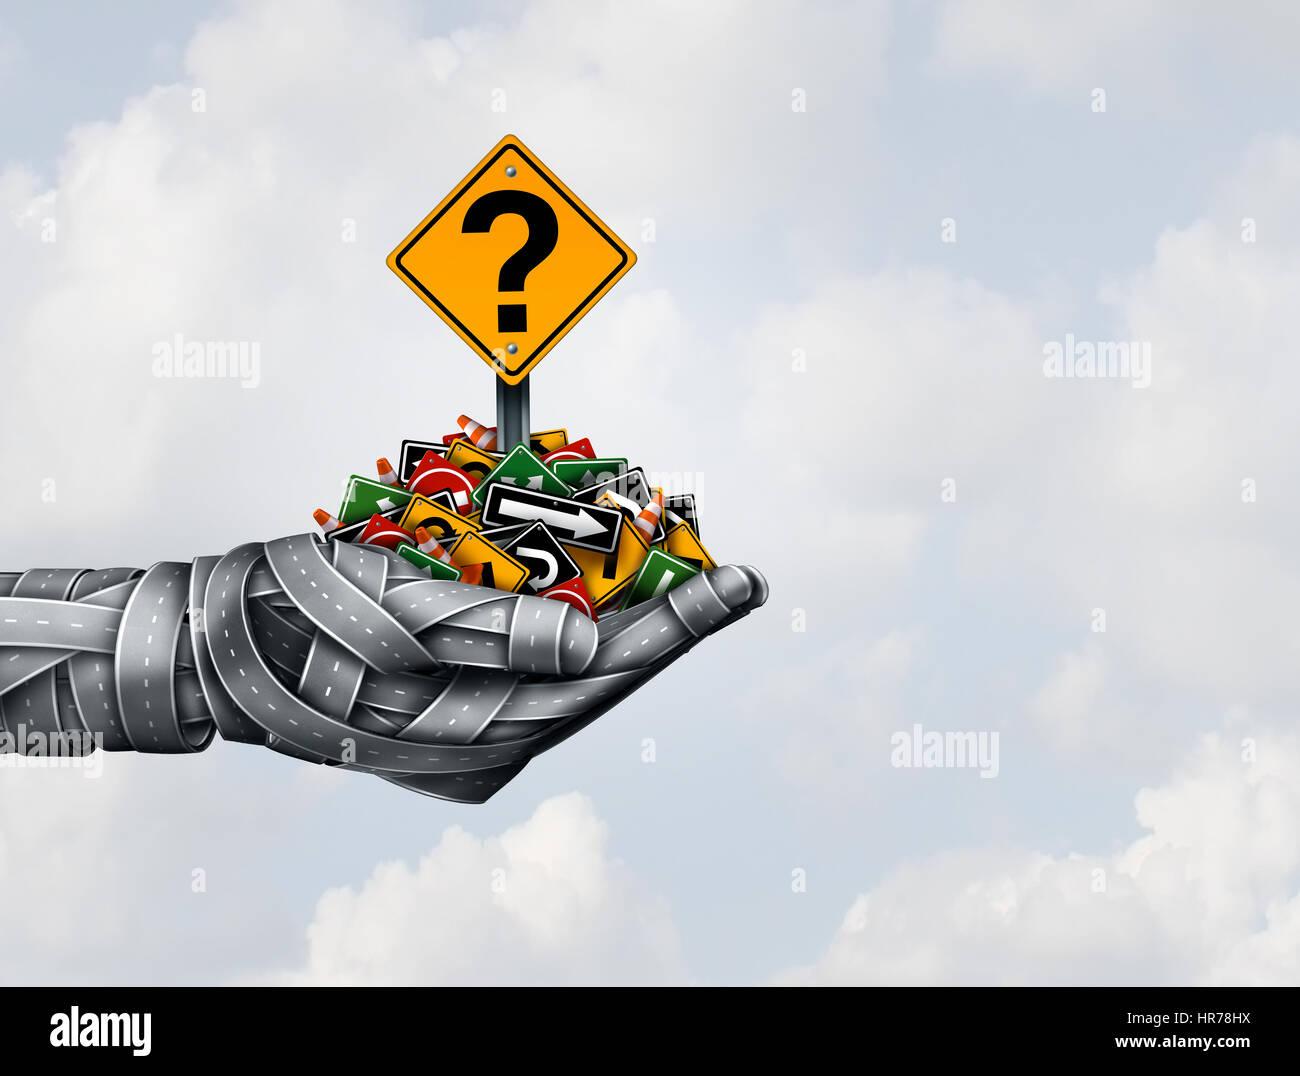 Percorso di soluzione di strategia e direzione di idee nella leadership aziendale o il trasporto risposte concetto Immagini Stock